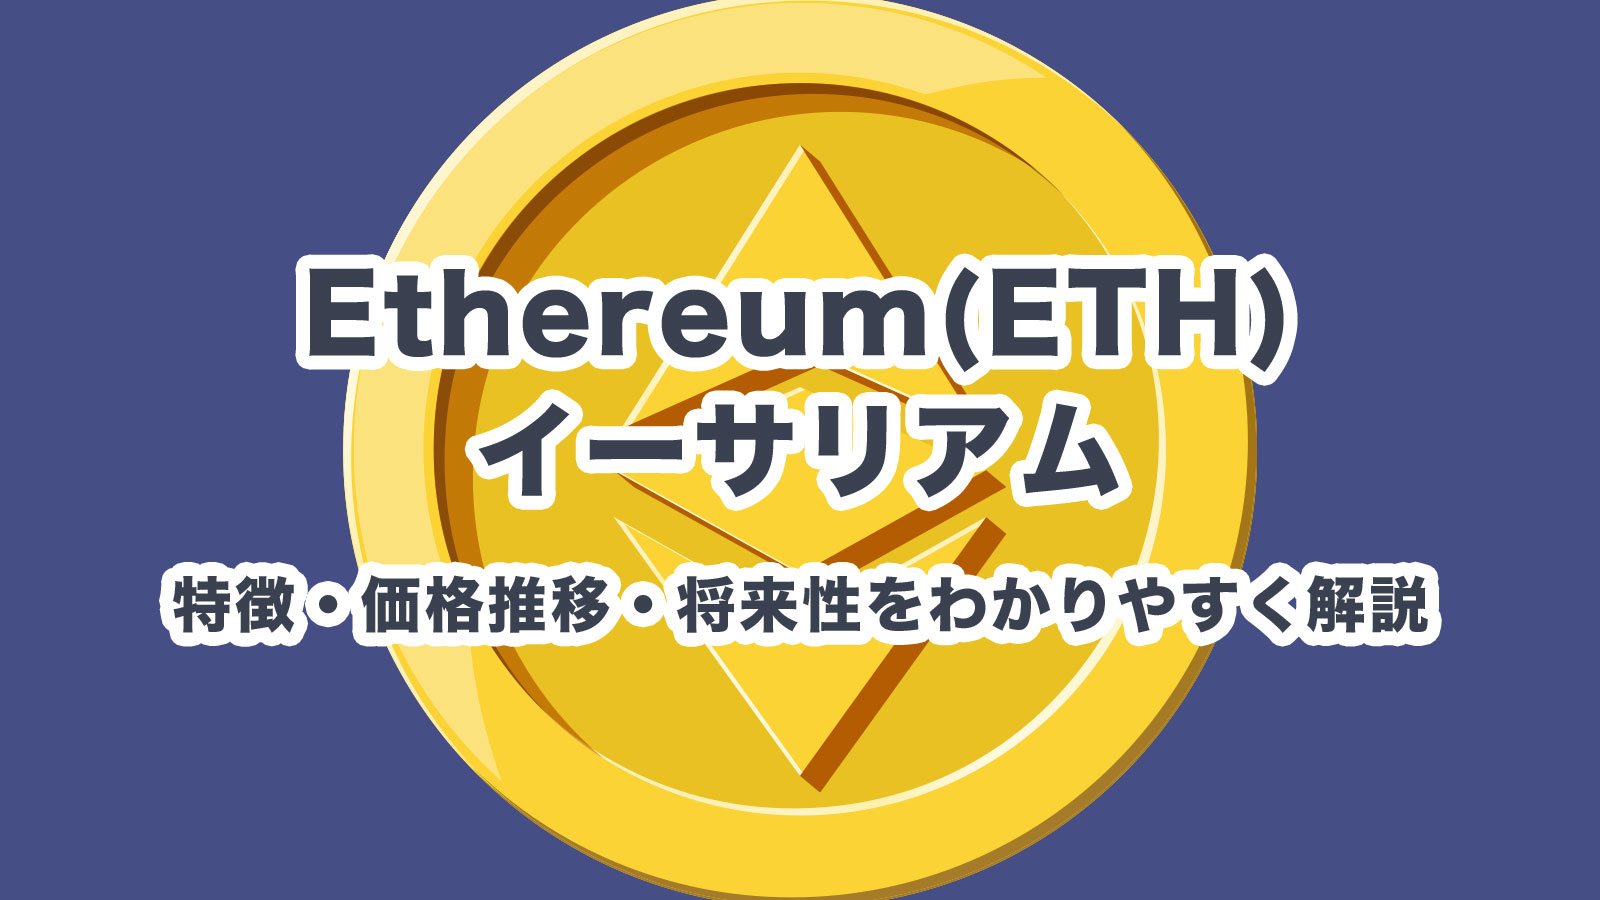 イーサリアム(Ethereum)とは?特徴・価格推移・将来性をわかりやすく解説